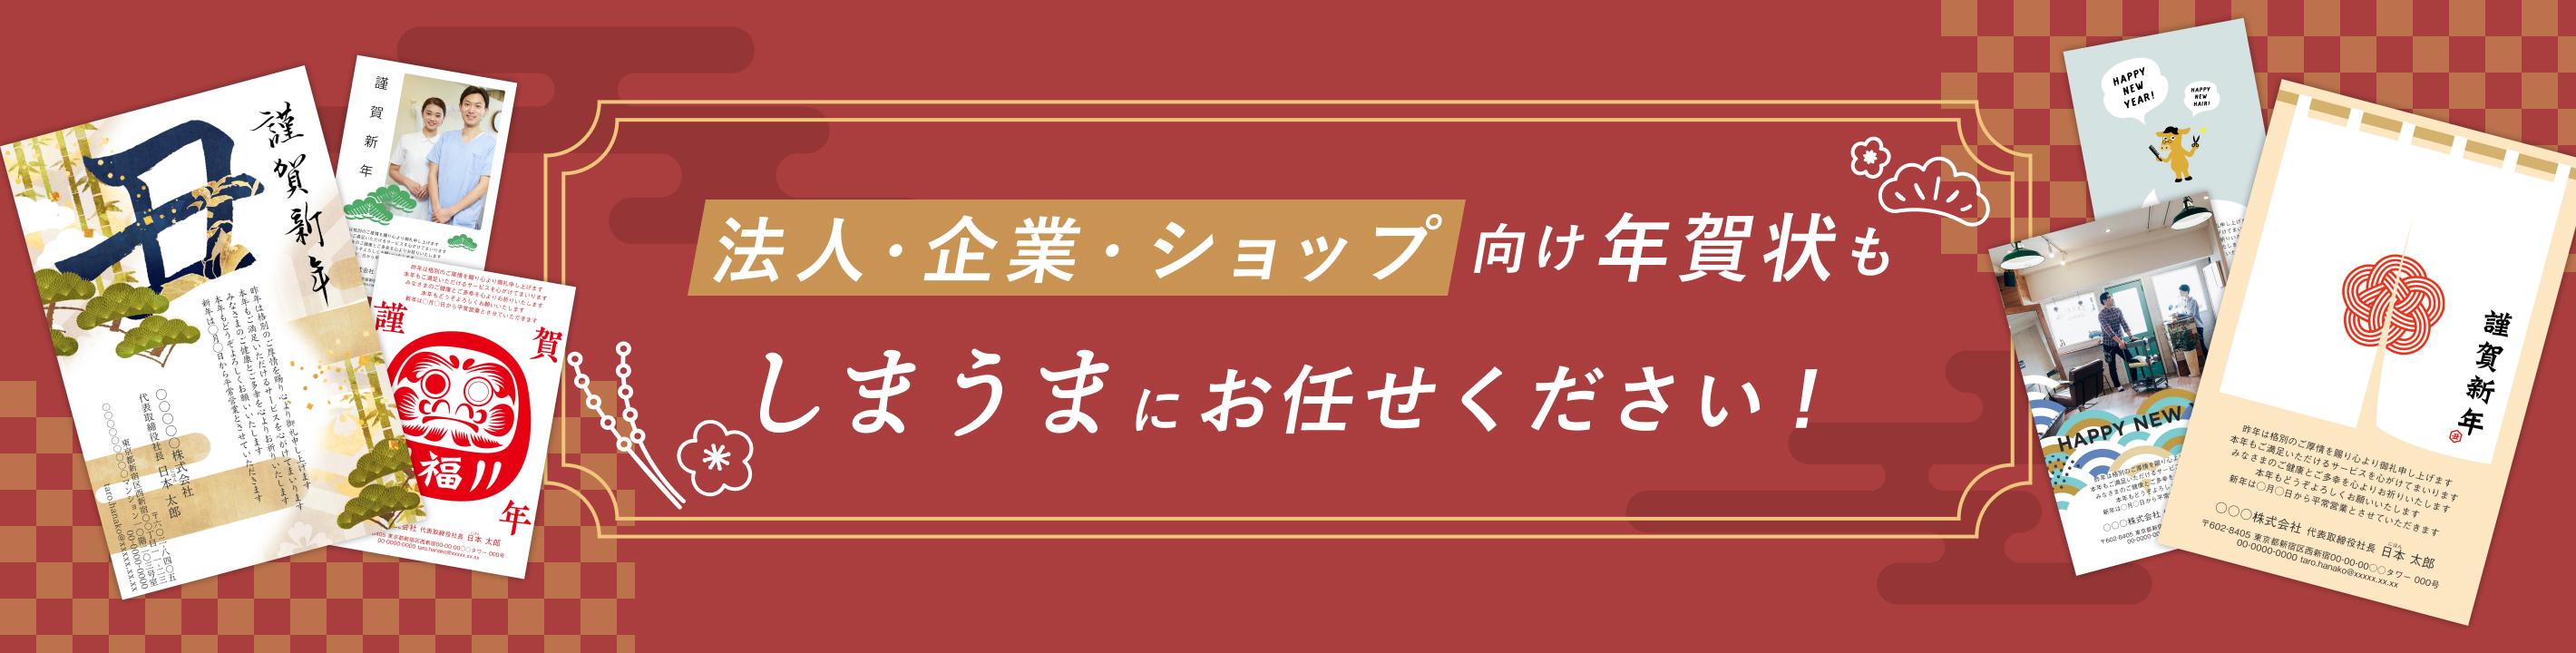 ビジネス・法人(企業・クリニック・店舗等)向けの年賀状もしまうまにお任せください!